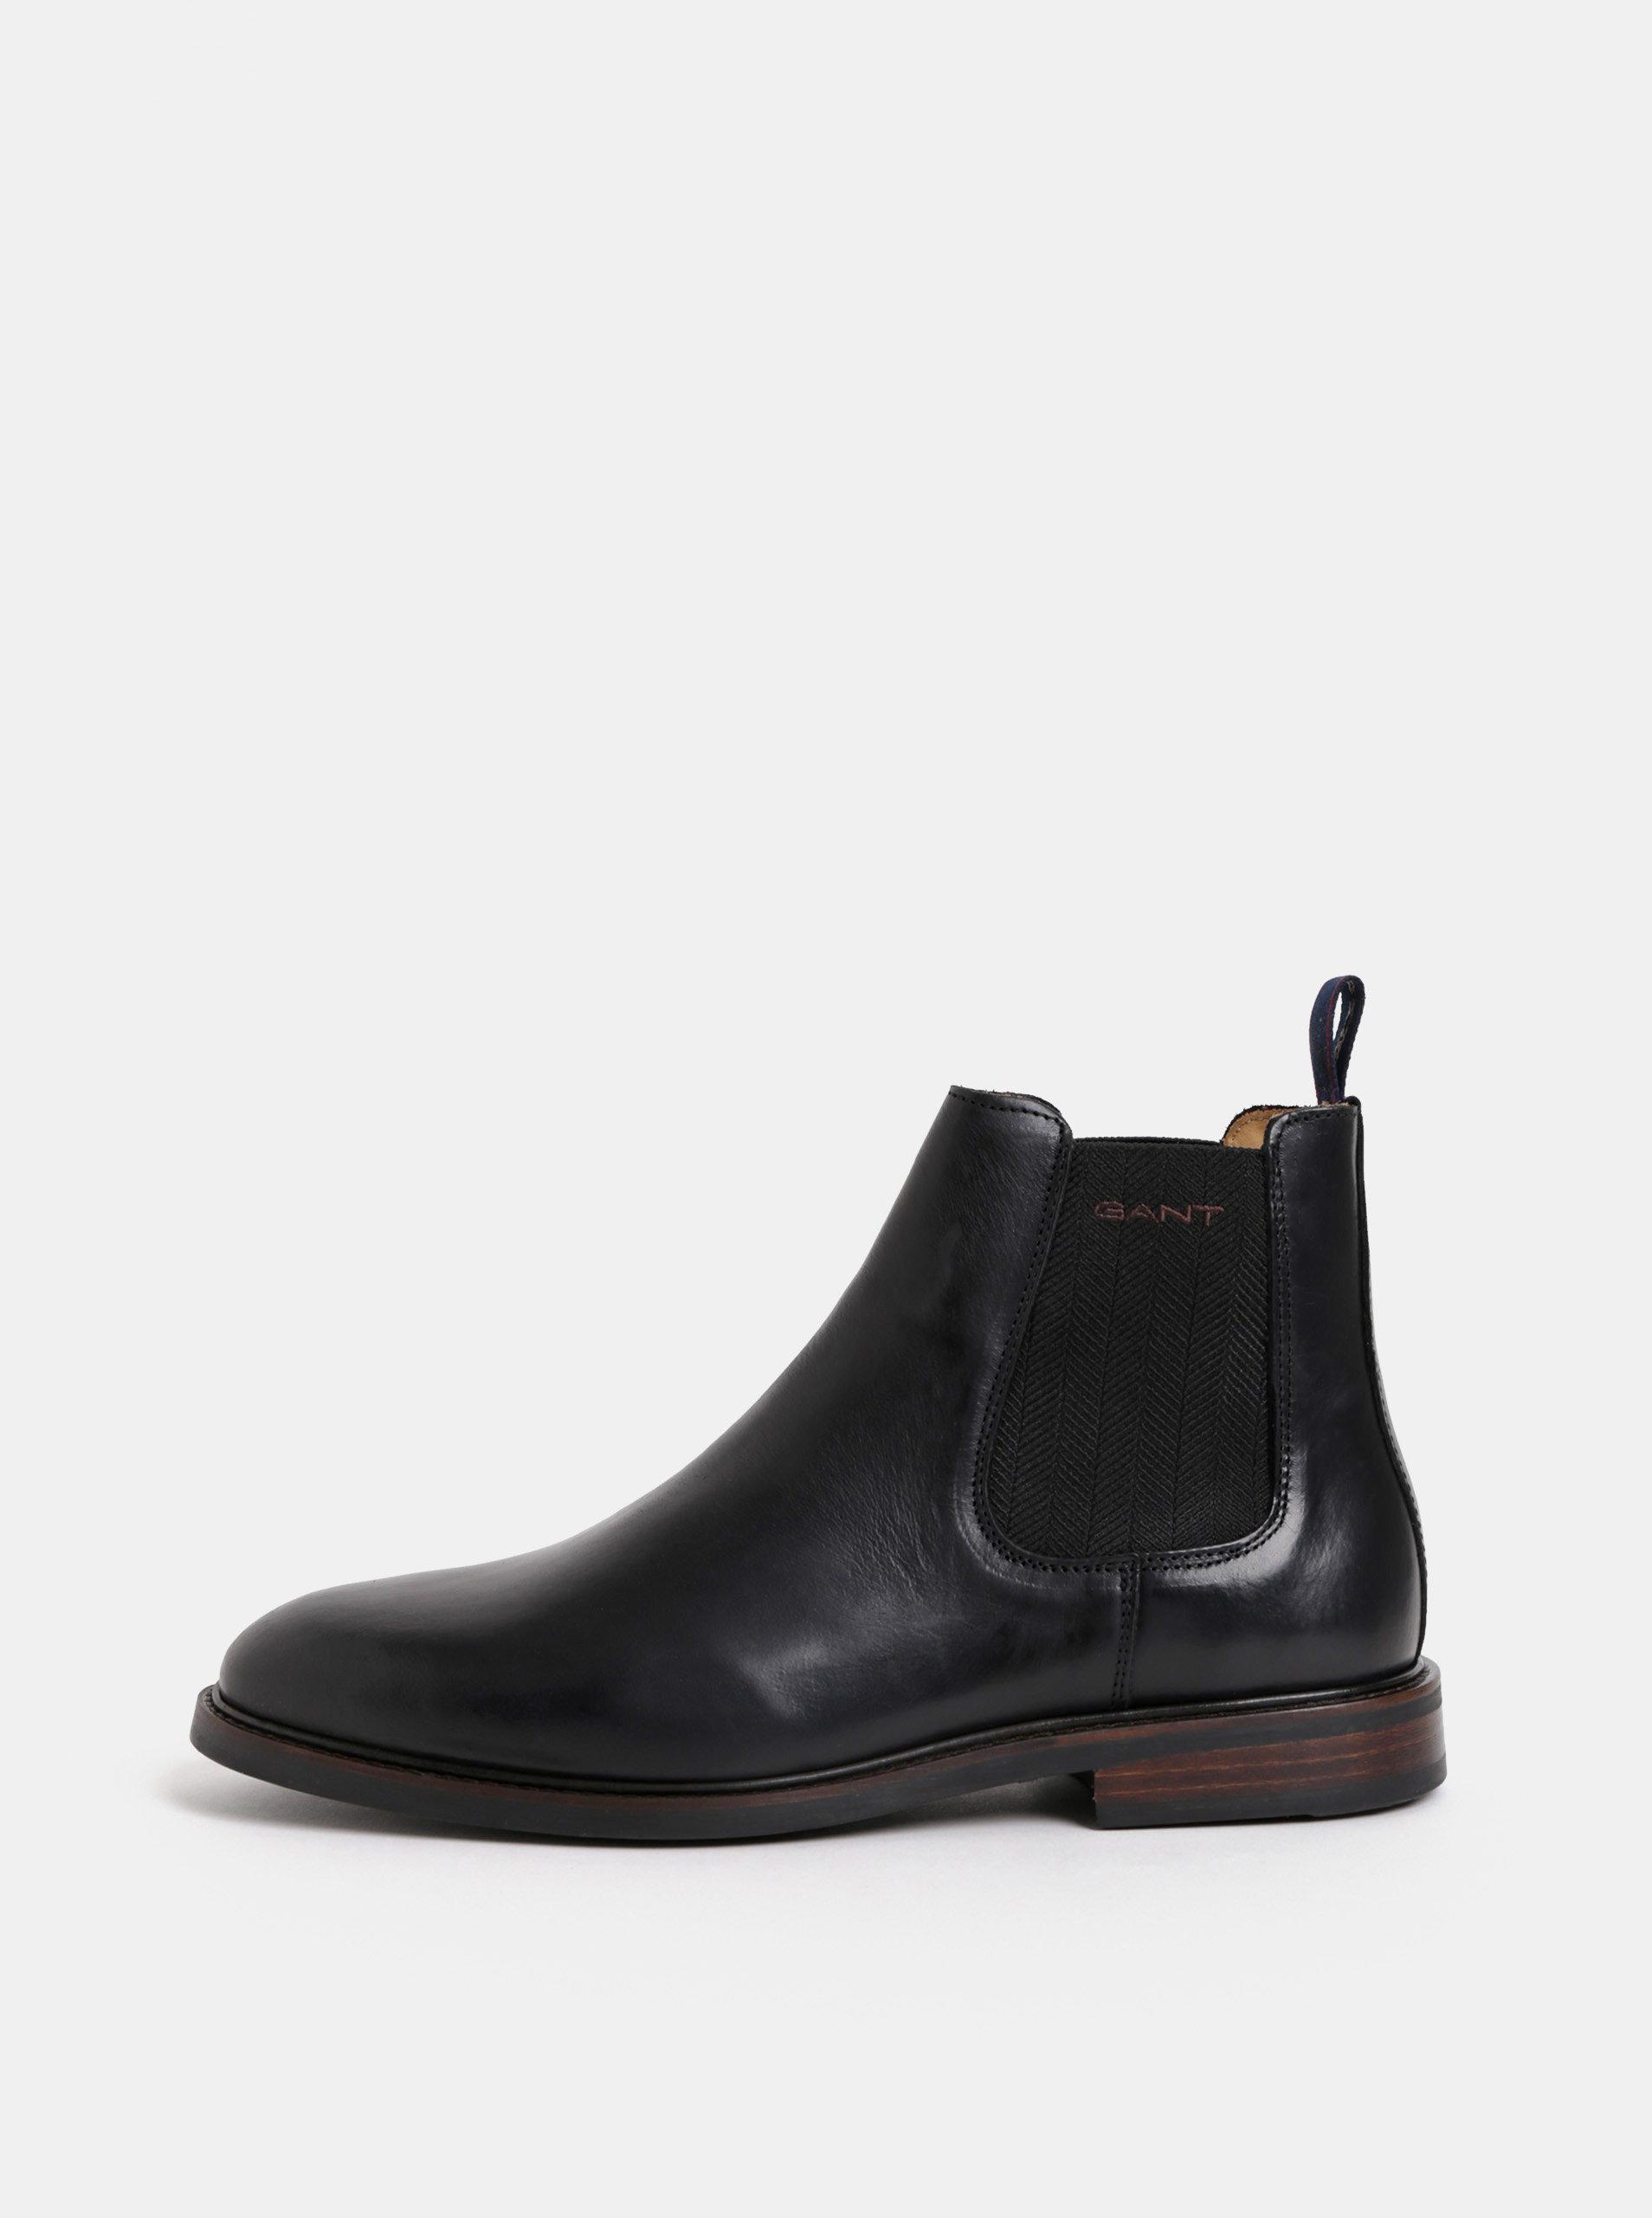 Černé pánské kožené chelsea boty GANT Ricardo ... 1cee8f4fe2